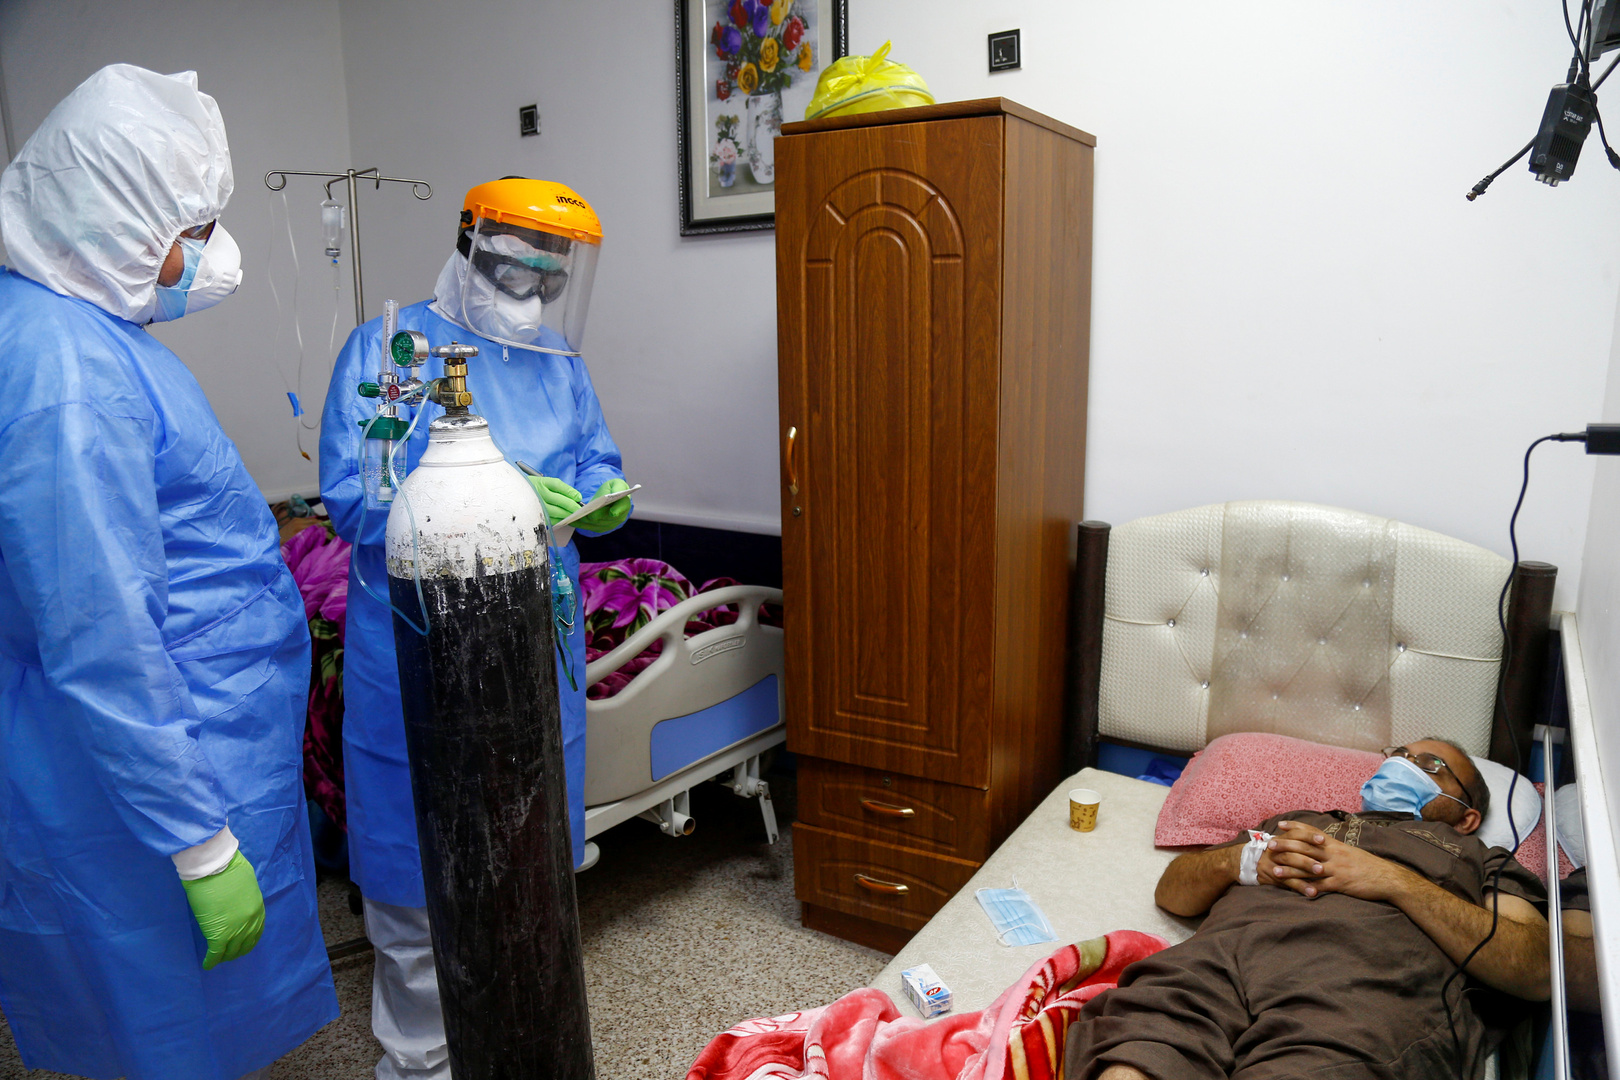 العراق يسجل قفزة كبيرة بمعدل حالات الشفاء من كورونا